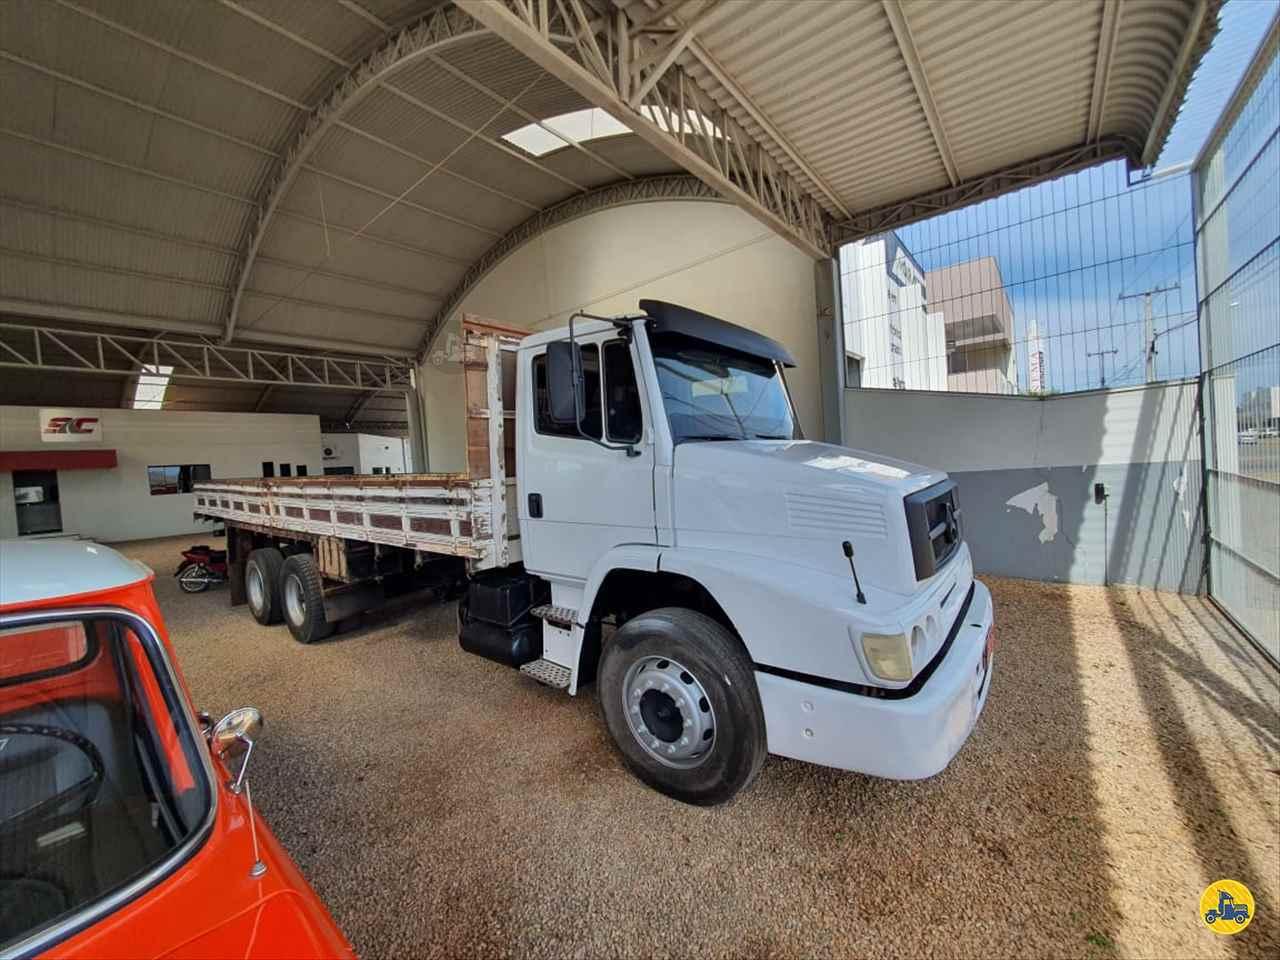 CAMINHAO MERCEDES-BENZ MB 1620 Graneleiro Truck 6x2 Sorriso Caminhões SORRISO MATO GROSSO MT